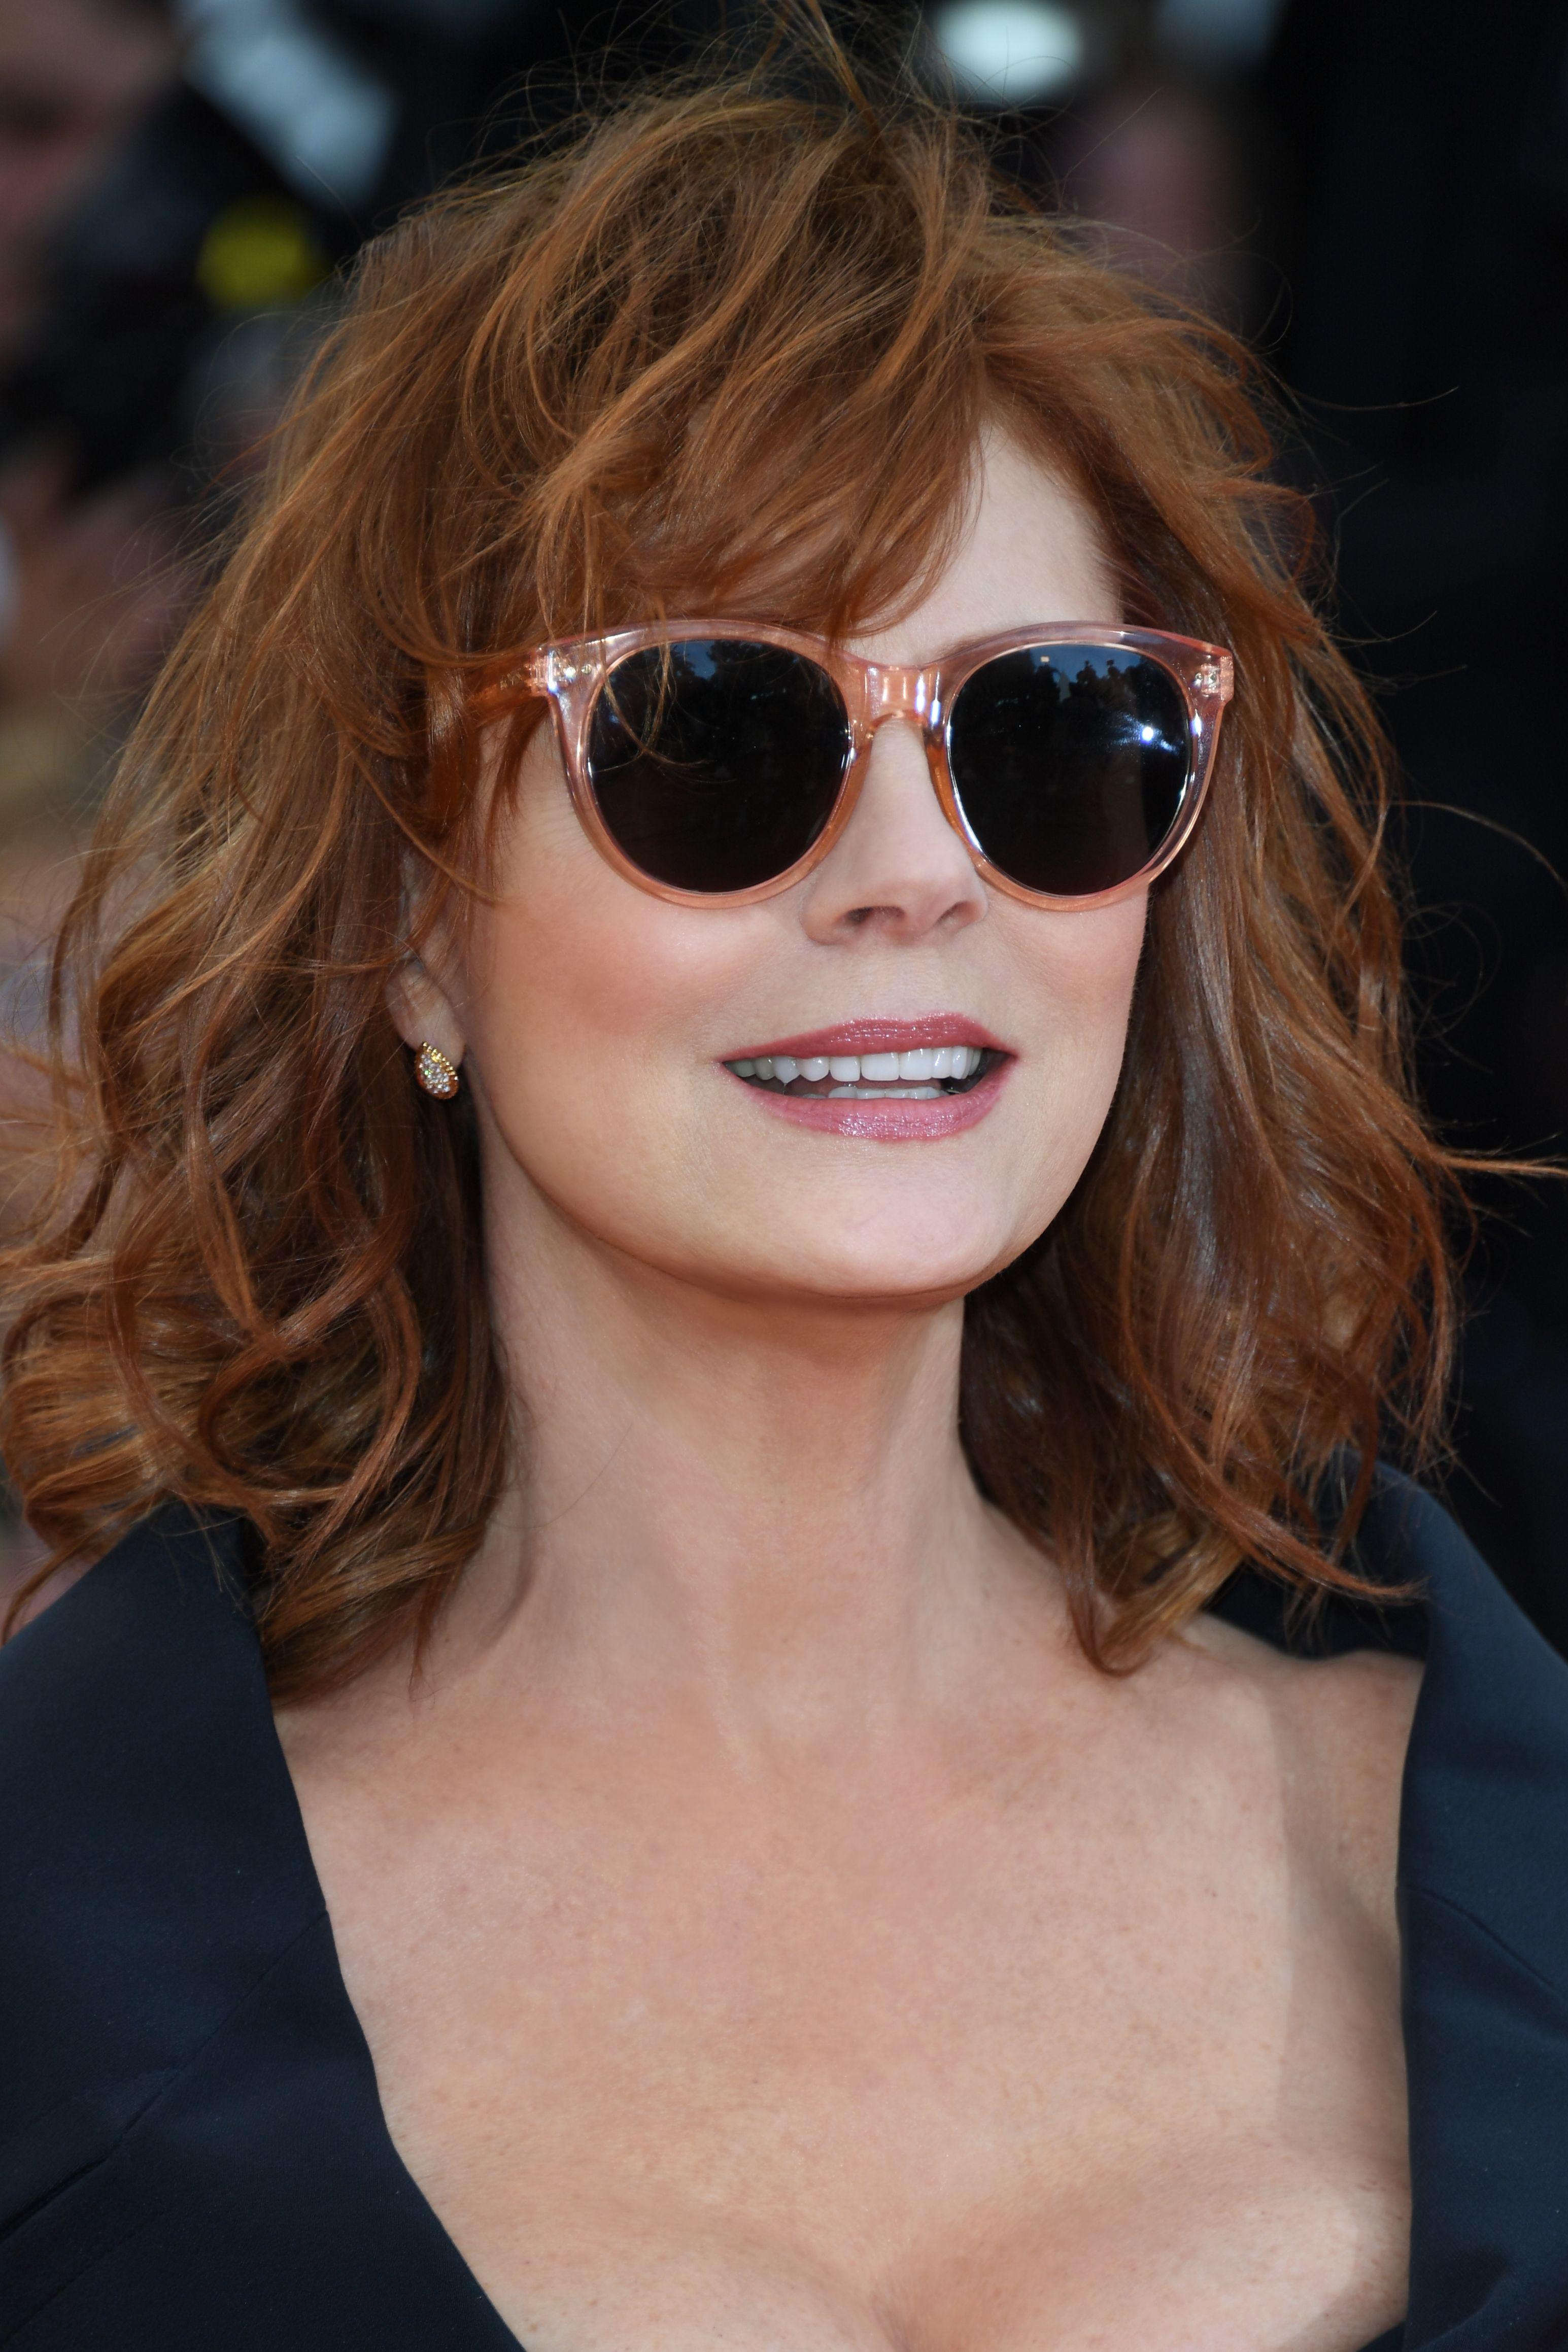 Susan Sarandon - Festival de Cannes 2016 - Jour 2 #lorealcannes2016